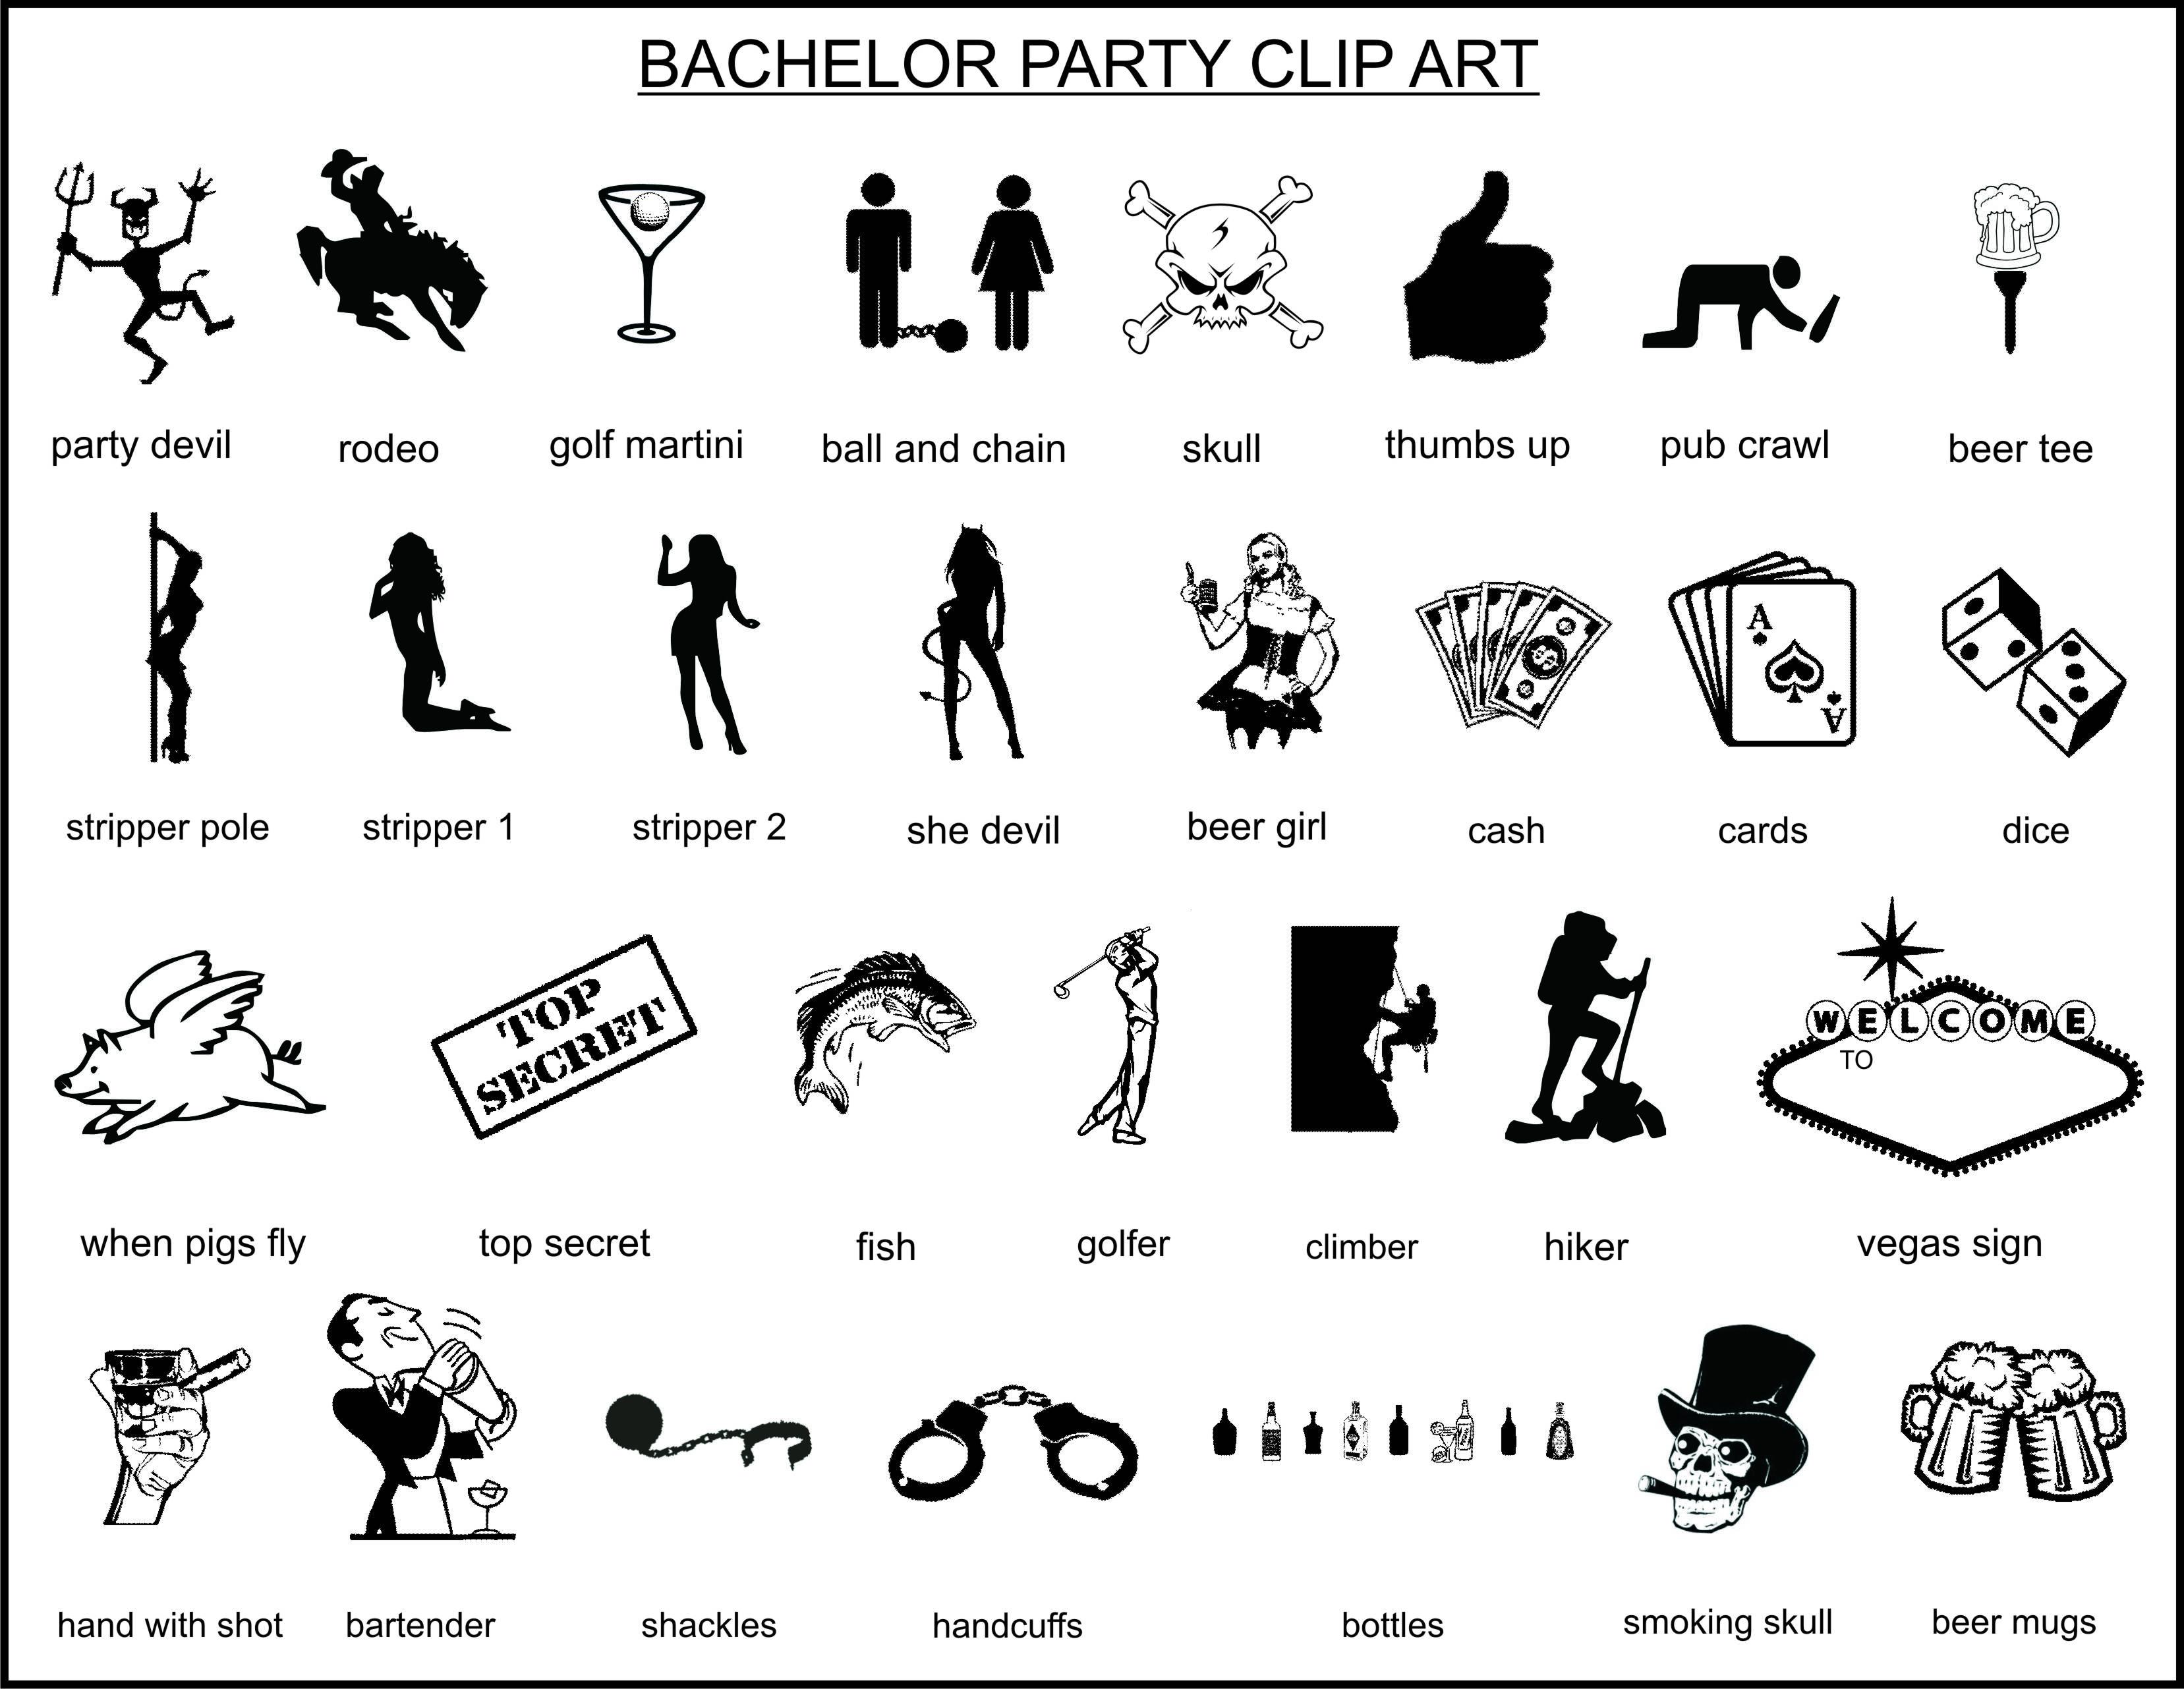 Bachelor party clip art.